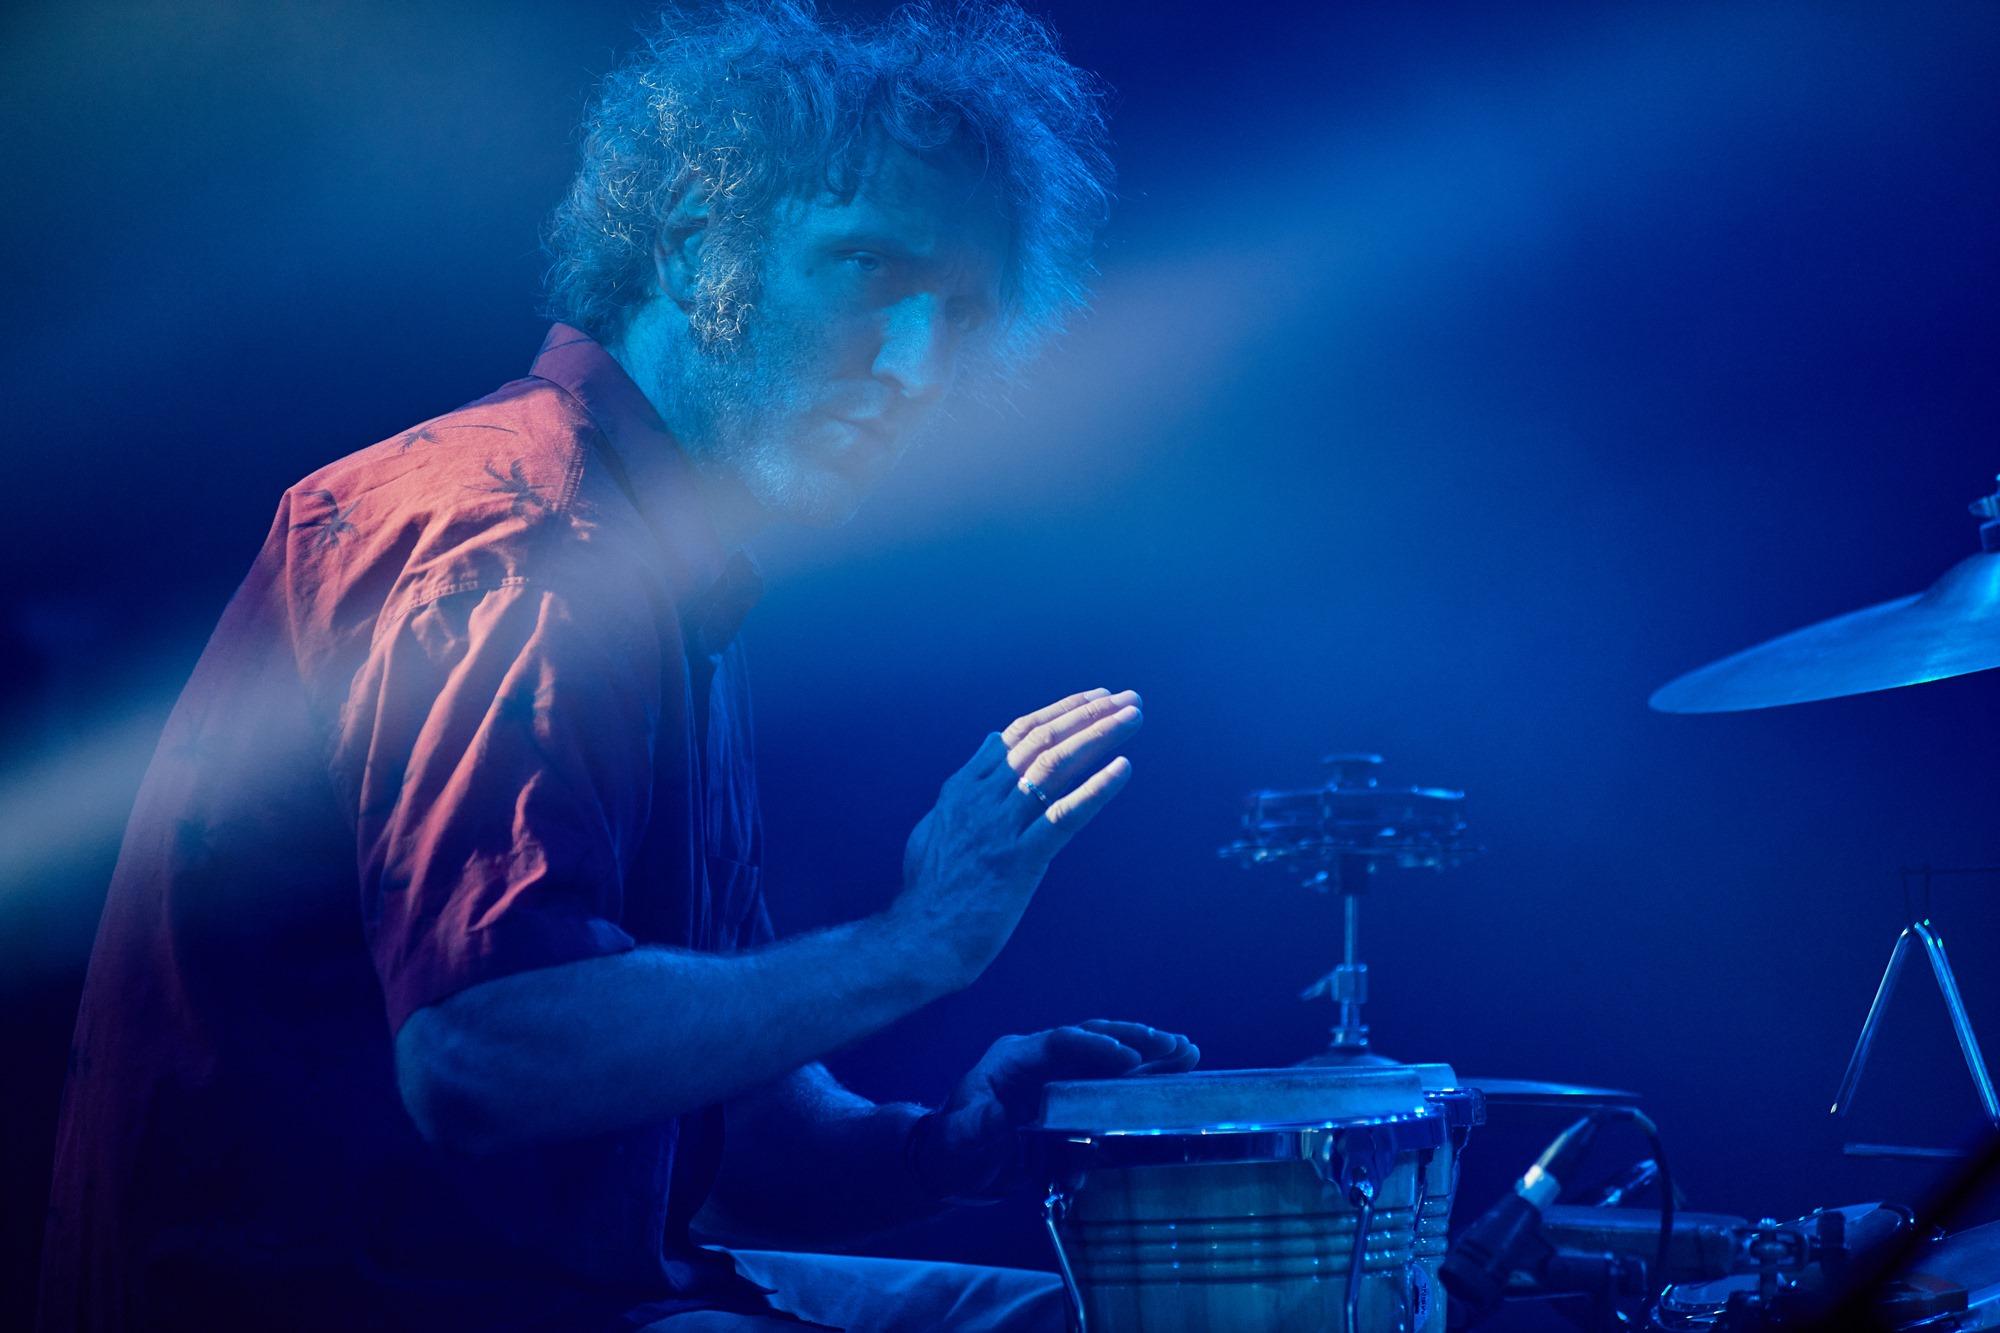 [Zdjęcie z koncertu przedstawia mężczyznę w czerwonej koszuli grającego na bębnie]